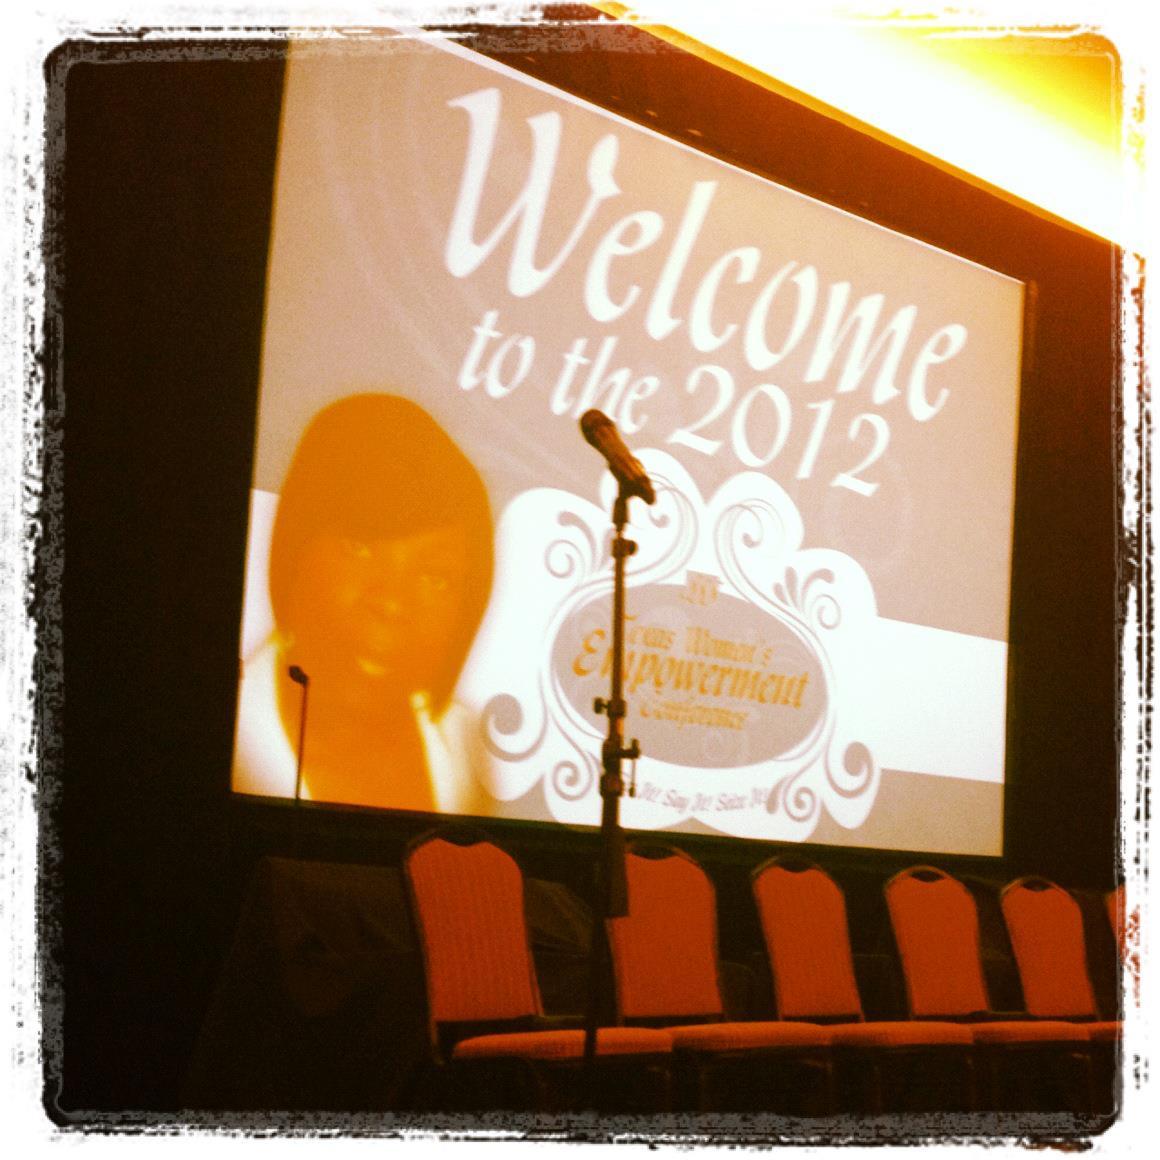 TWEC 2012